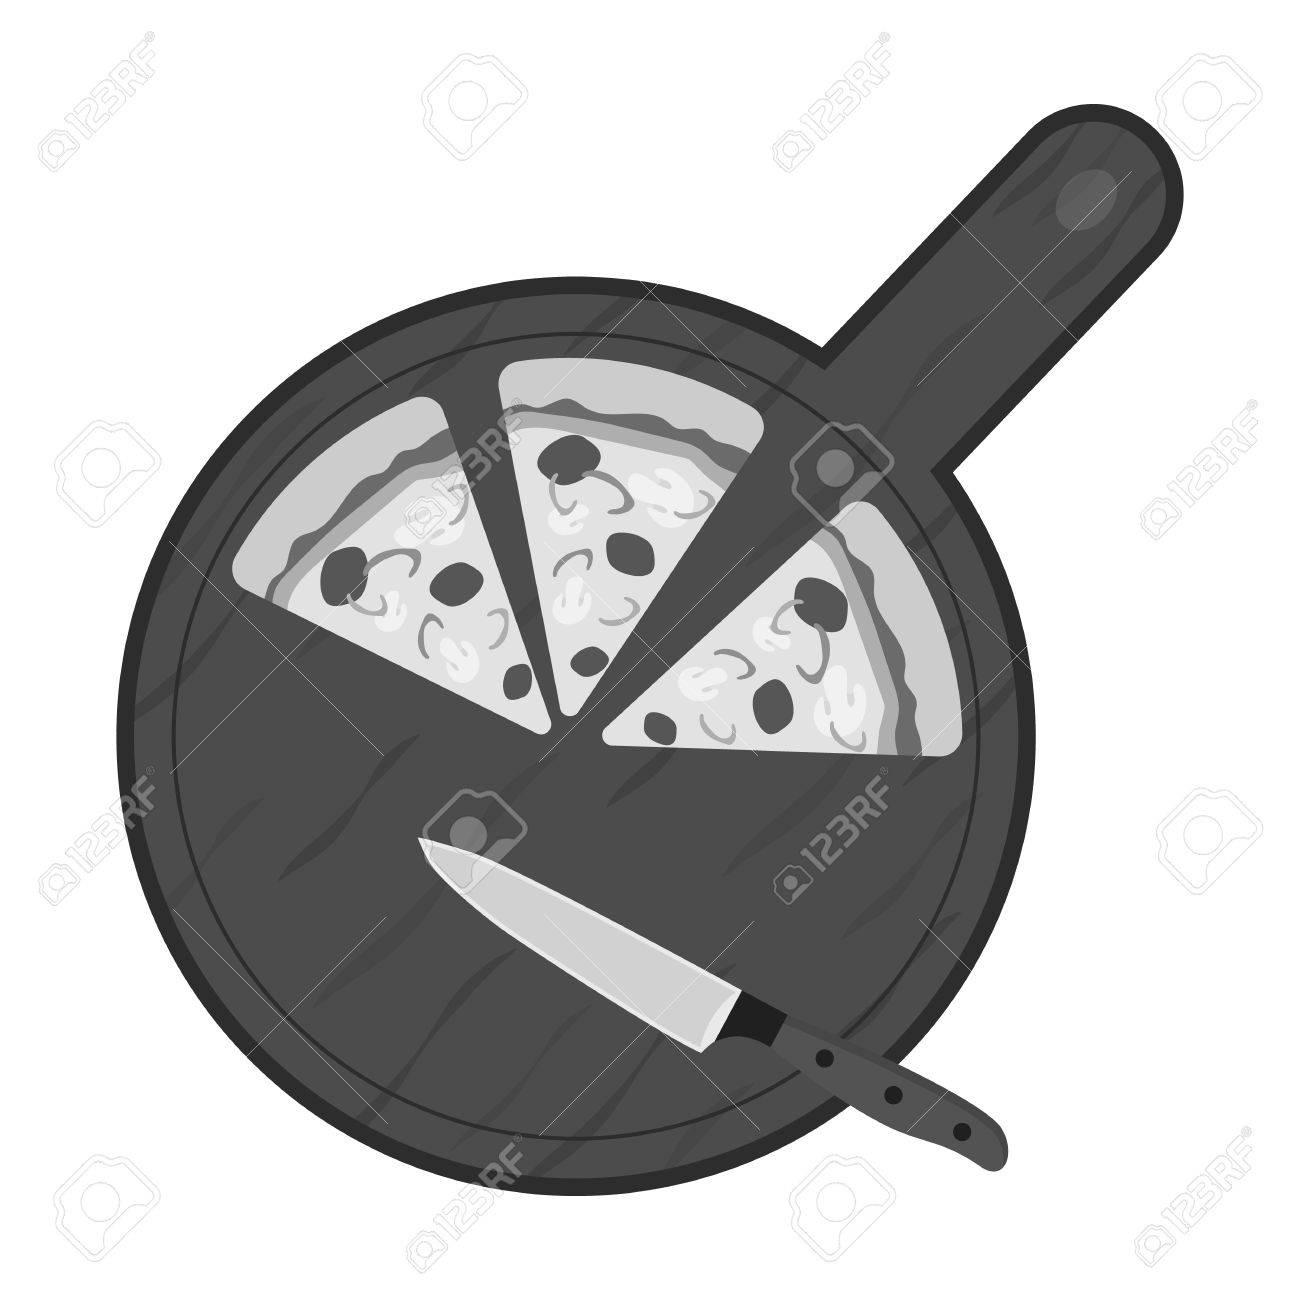 Pizza Auf Schneidebrett Symbol In Schwarz Weiß Stil Auf Weißem